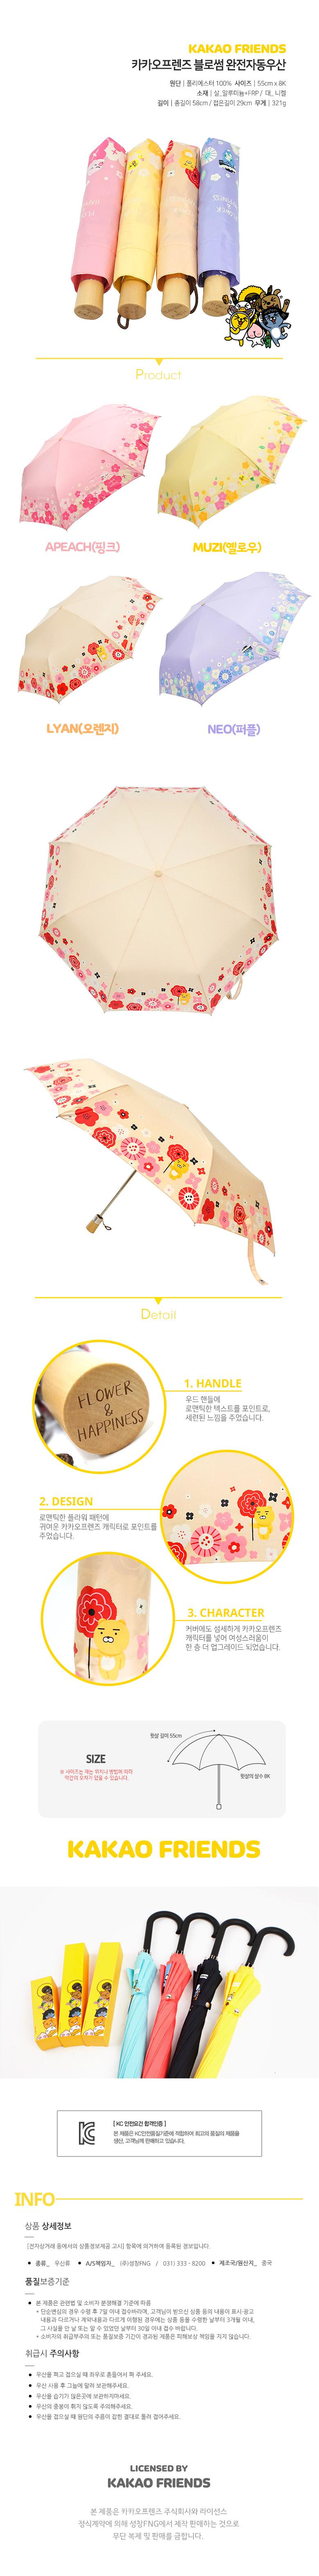 카카오프렌즈 완자 블로썸 GUKTU70013 - 지니스타, 29,000원, 우산, 자동3단우산